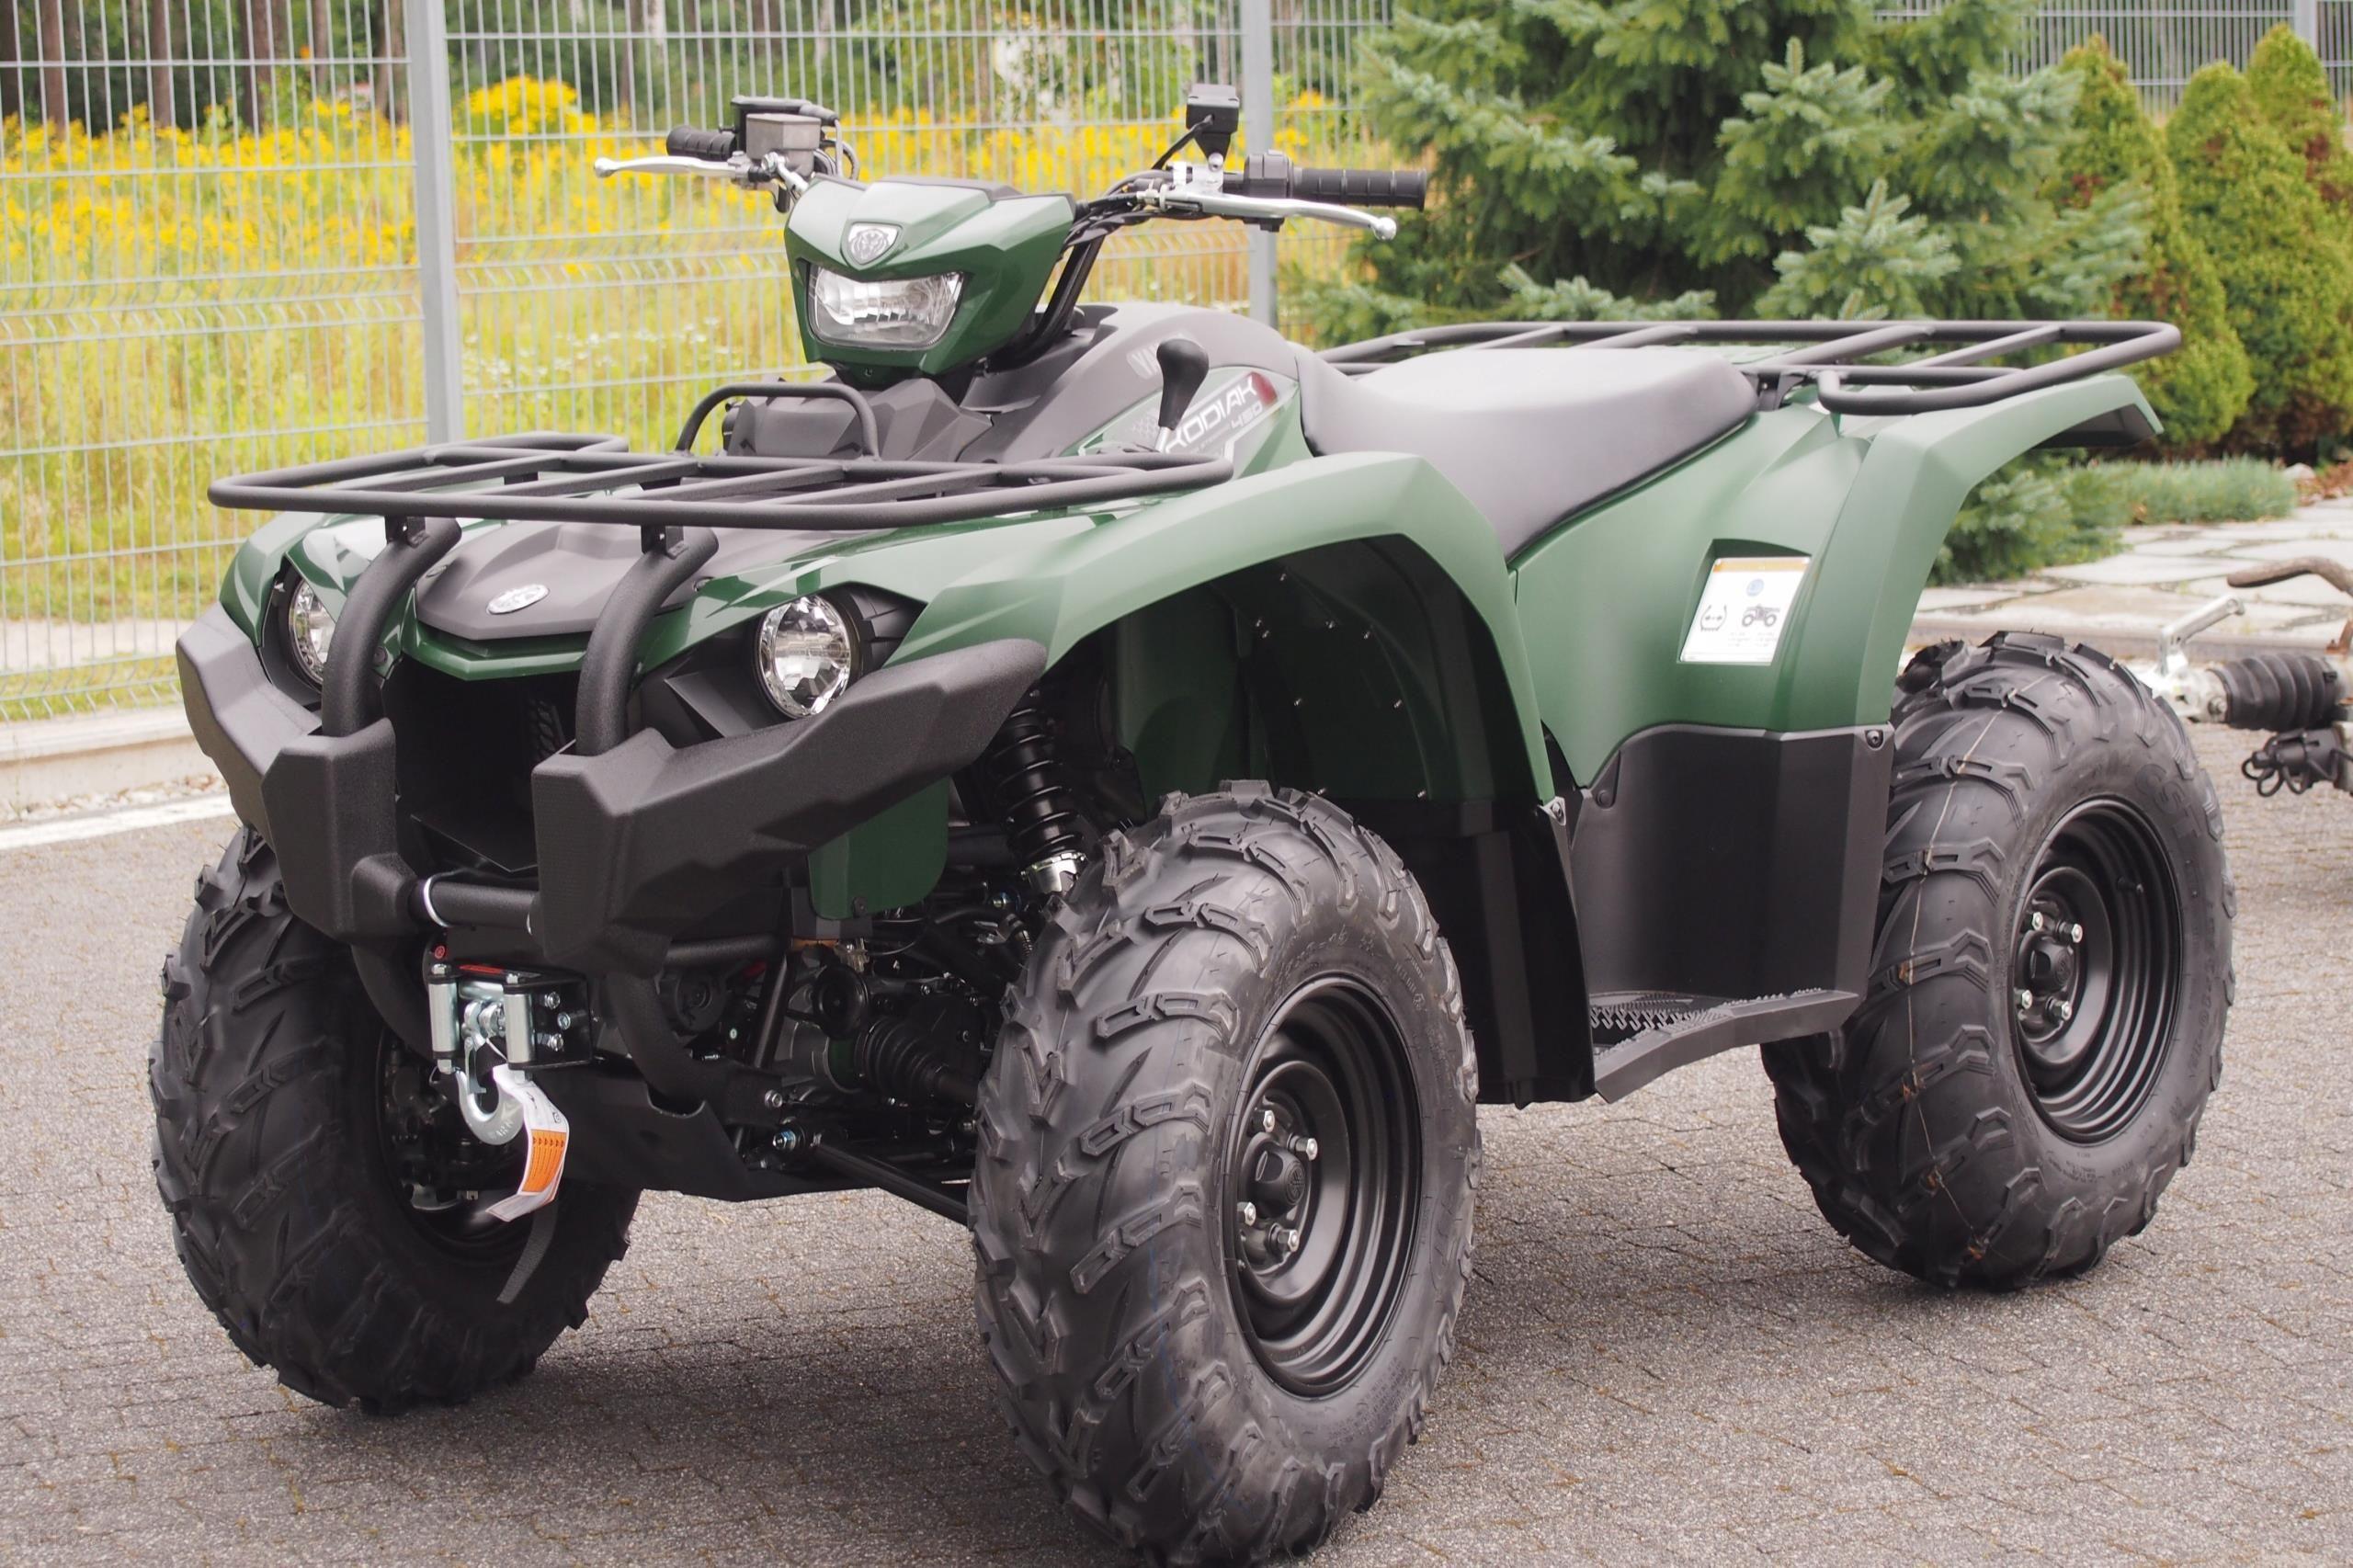 Yamaha Kodiak Grizzly Yfm450 Pojazd Demo 10 Opinie I Ceny Na Ceneo Pl